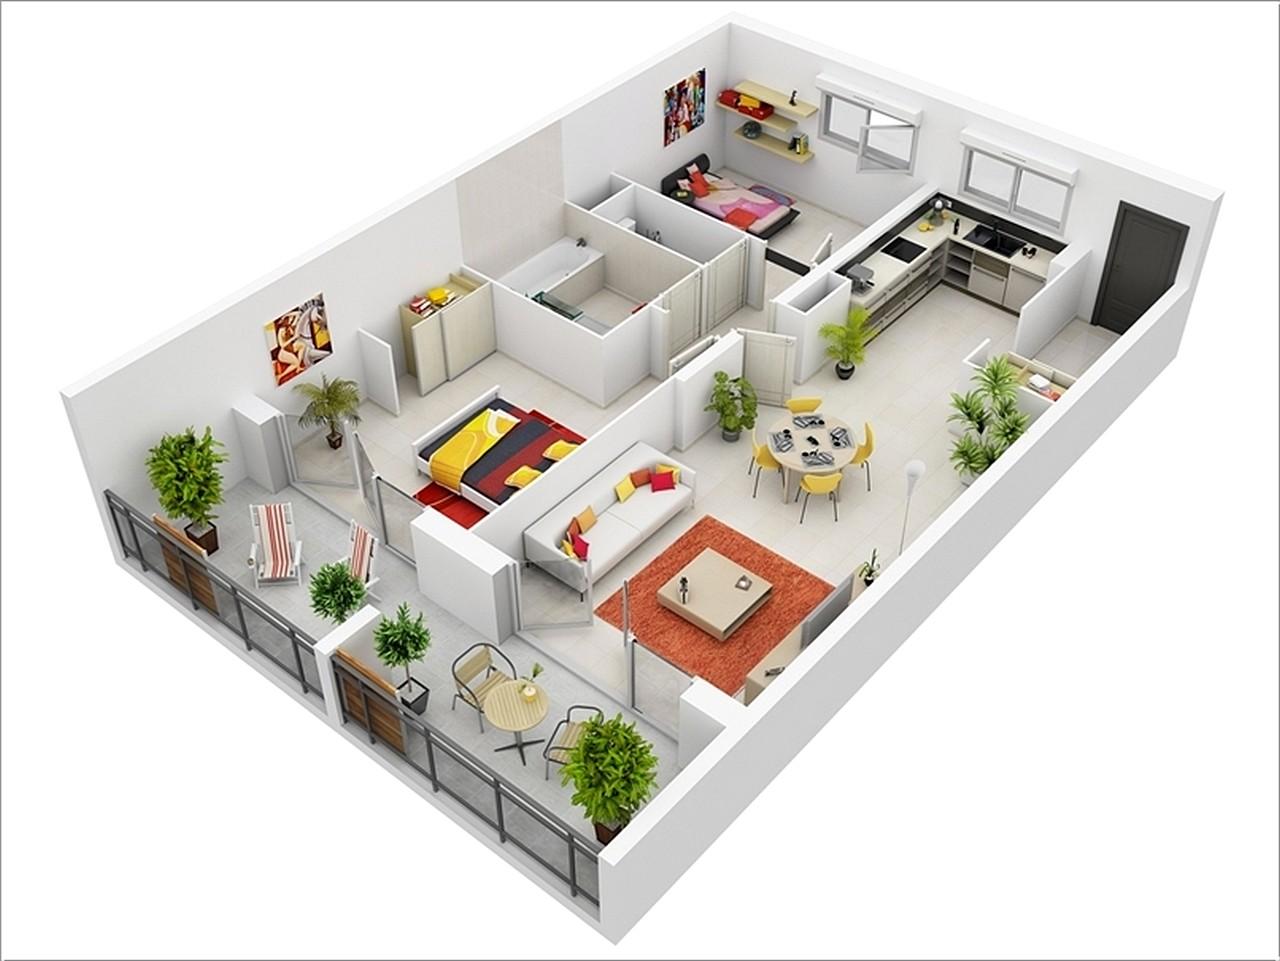 105 Denah Rumah Minimalis Persegi Panjang Gambar Desain Rumah Minimalis